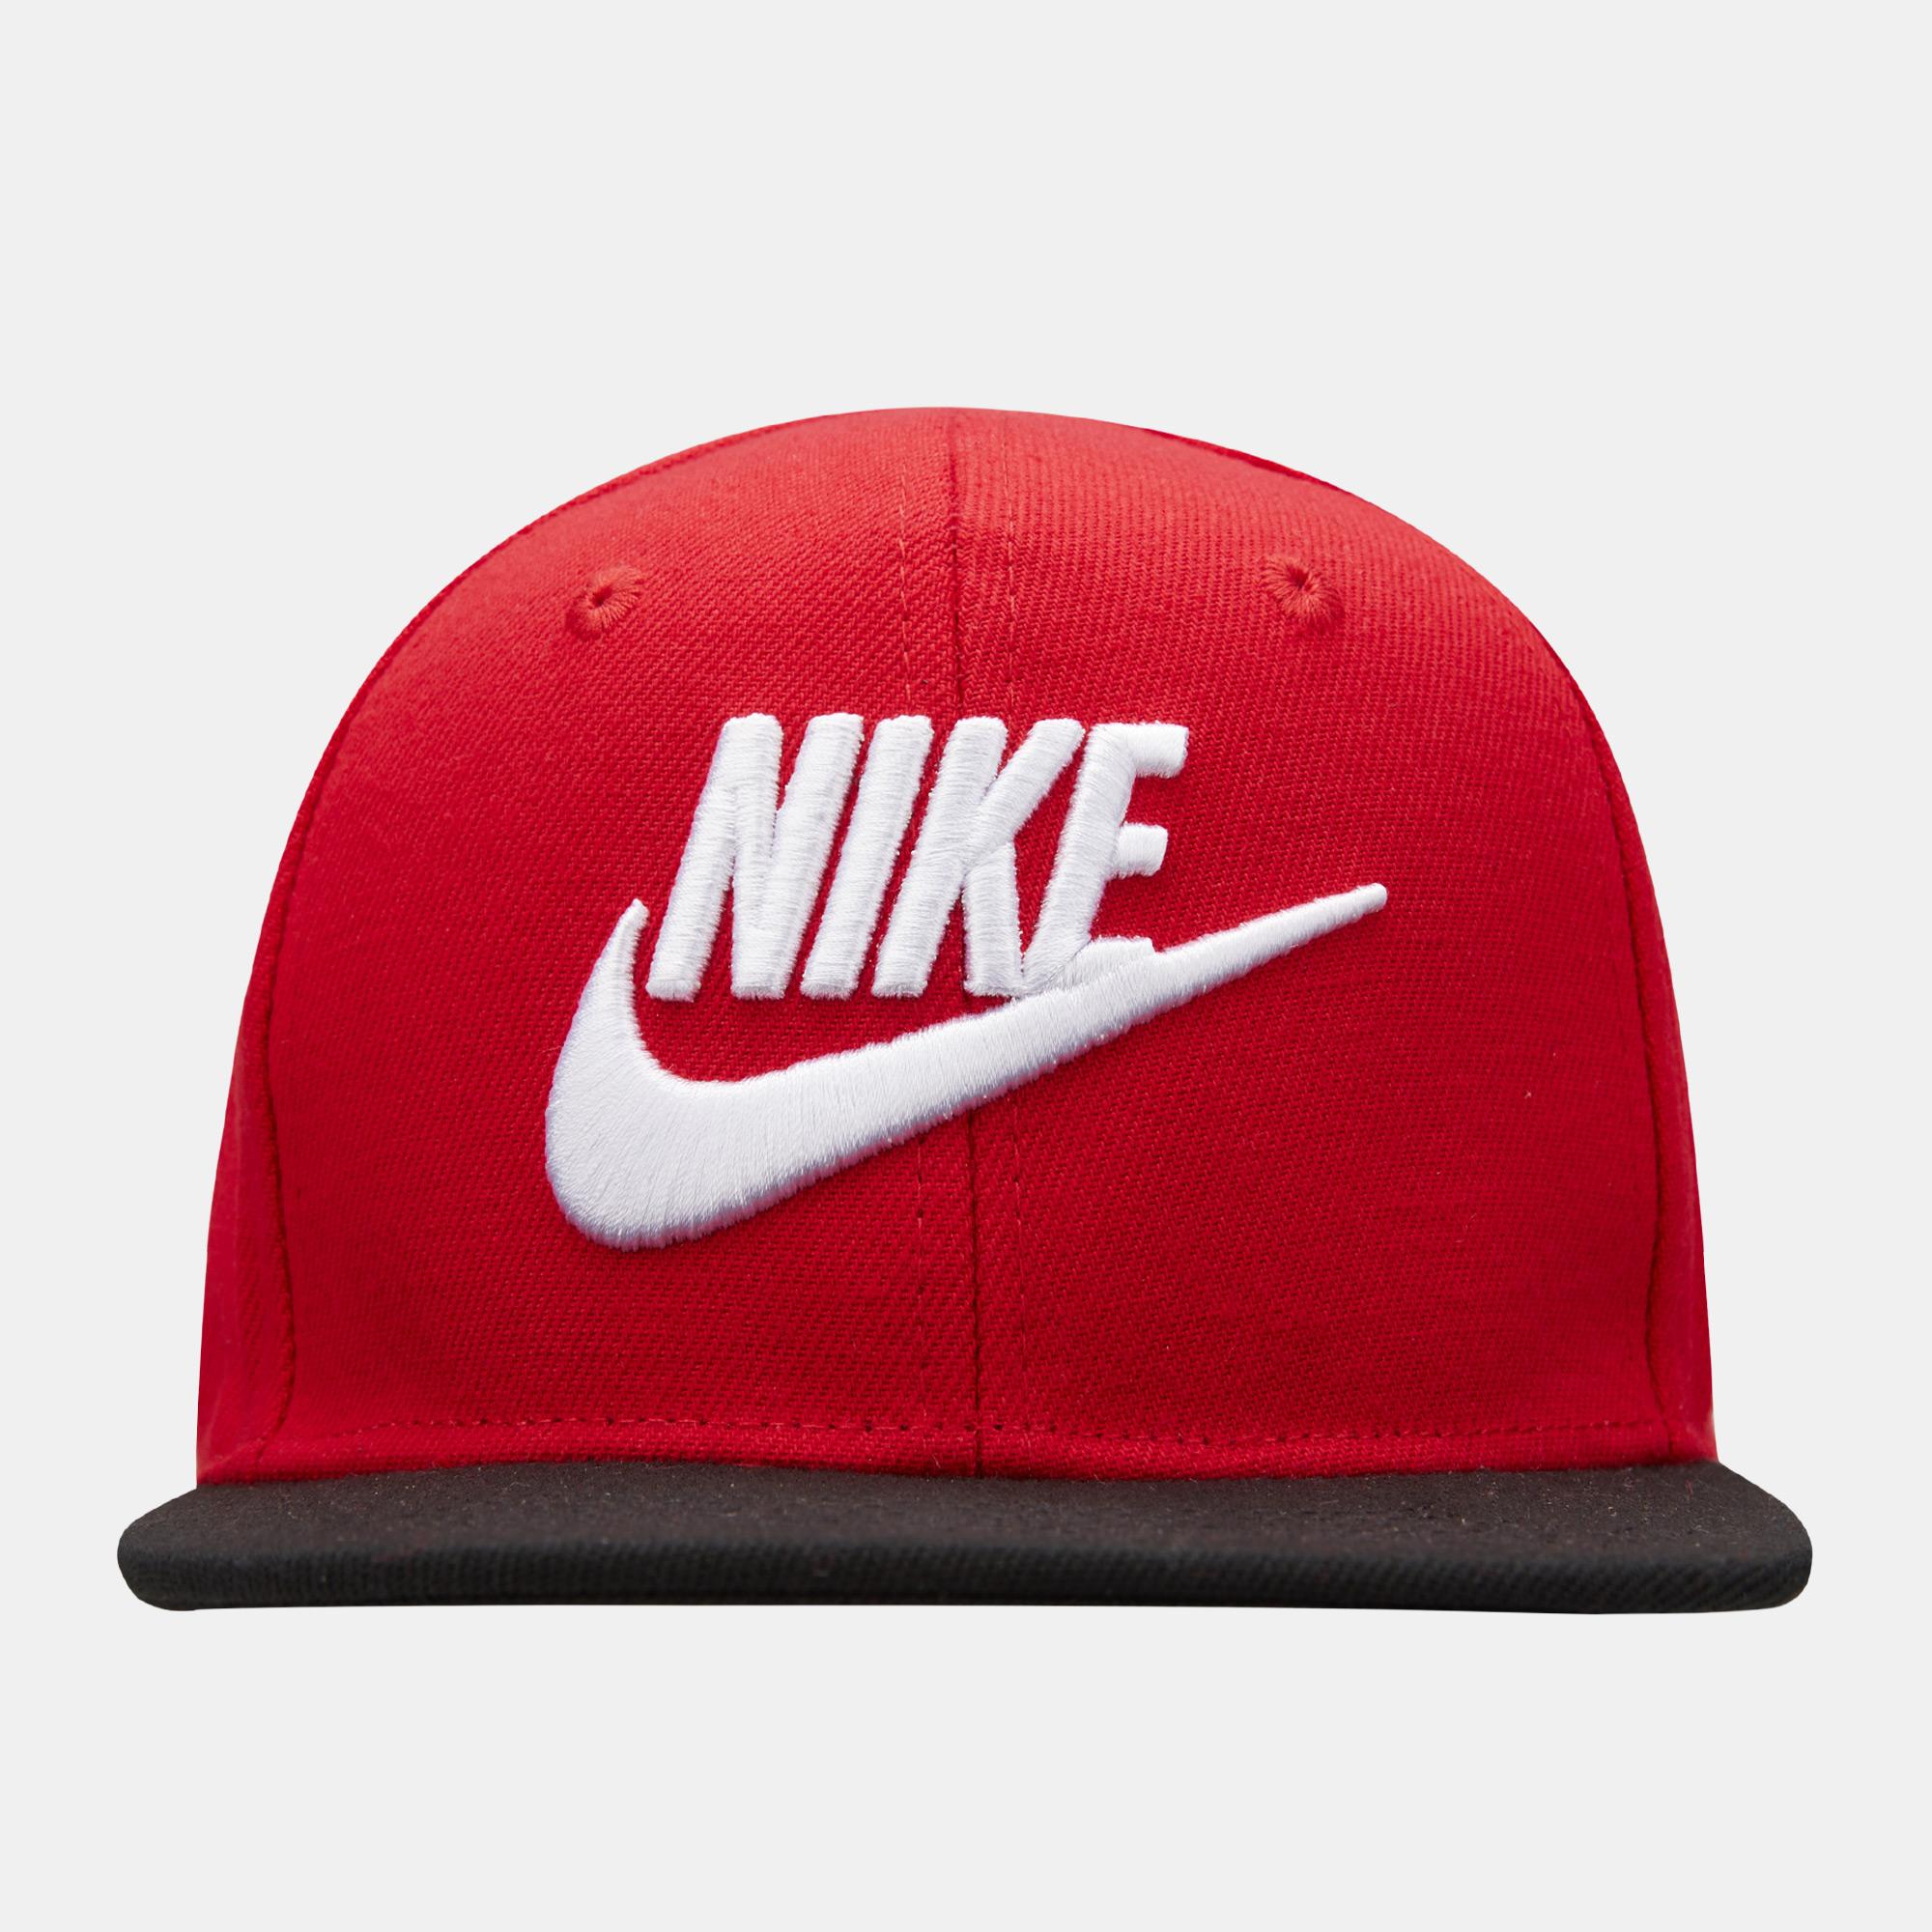 2727a4aeb Nike Kids' True Limitless Cap